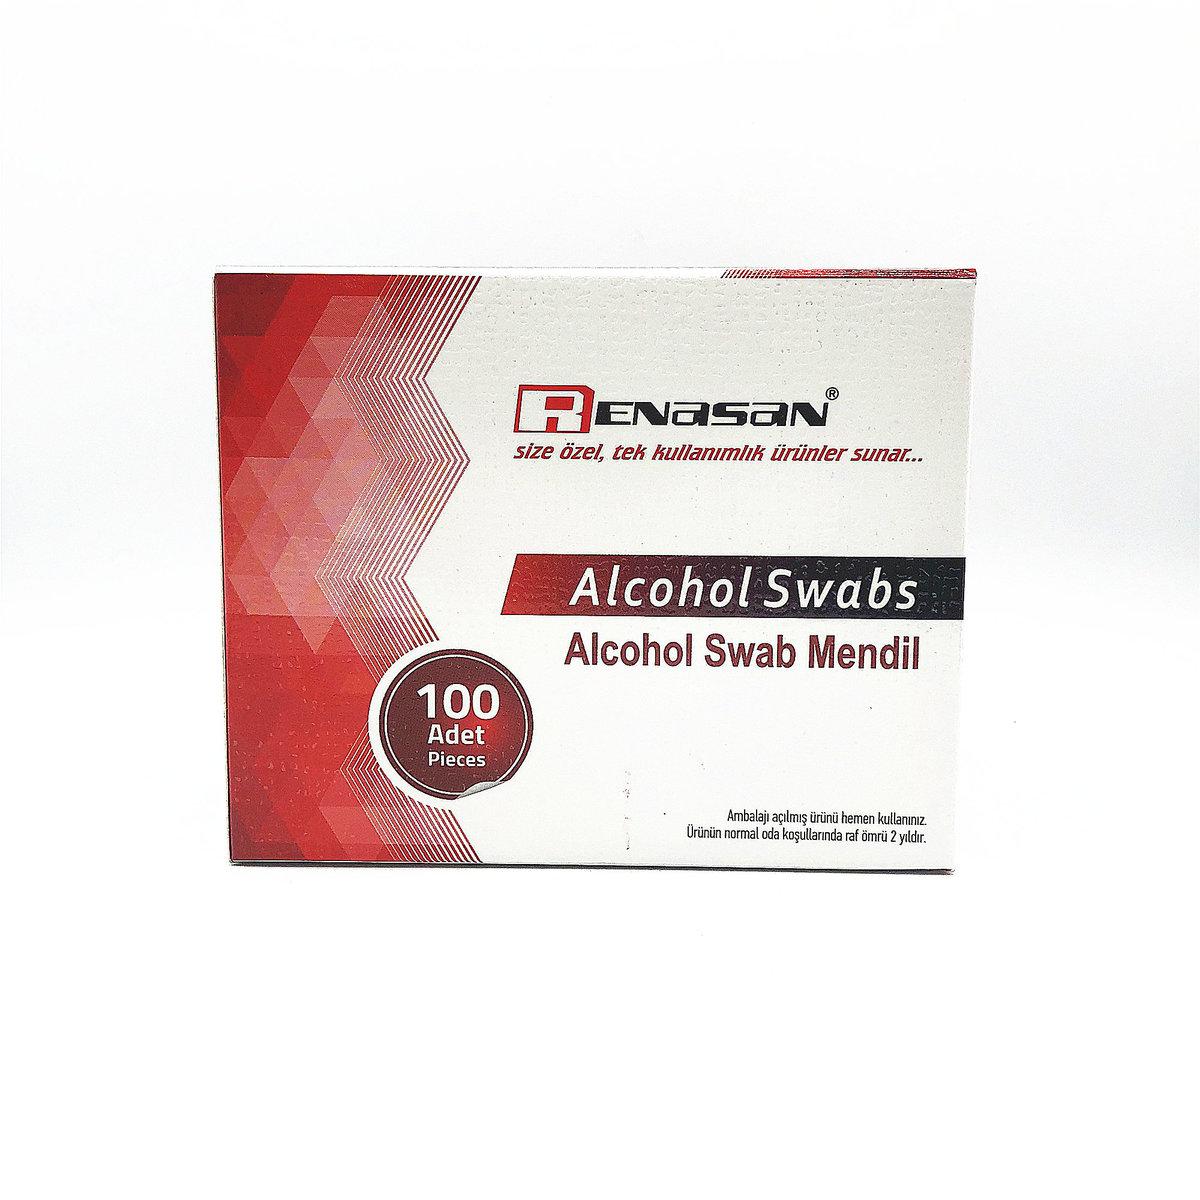 renasan alcohol swab 消毒酒精綿 100片 (異丙醇 70%) (土耳其)